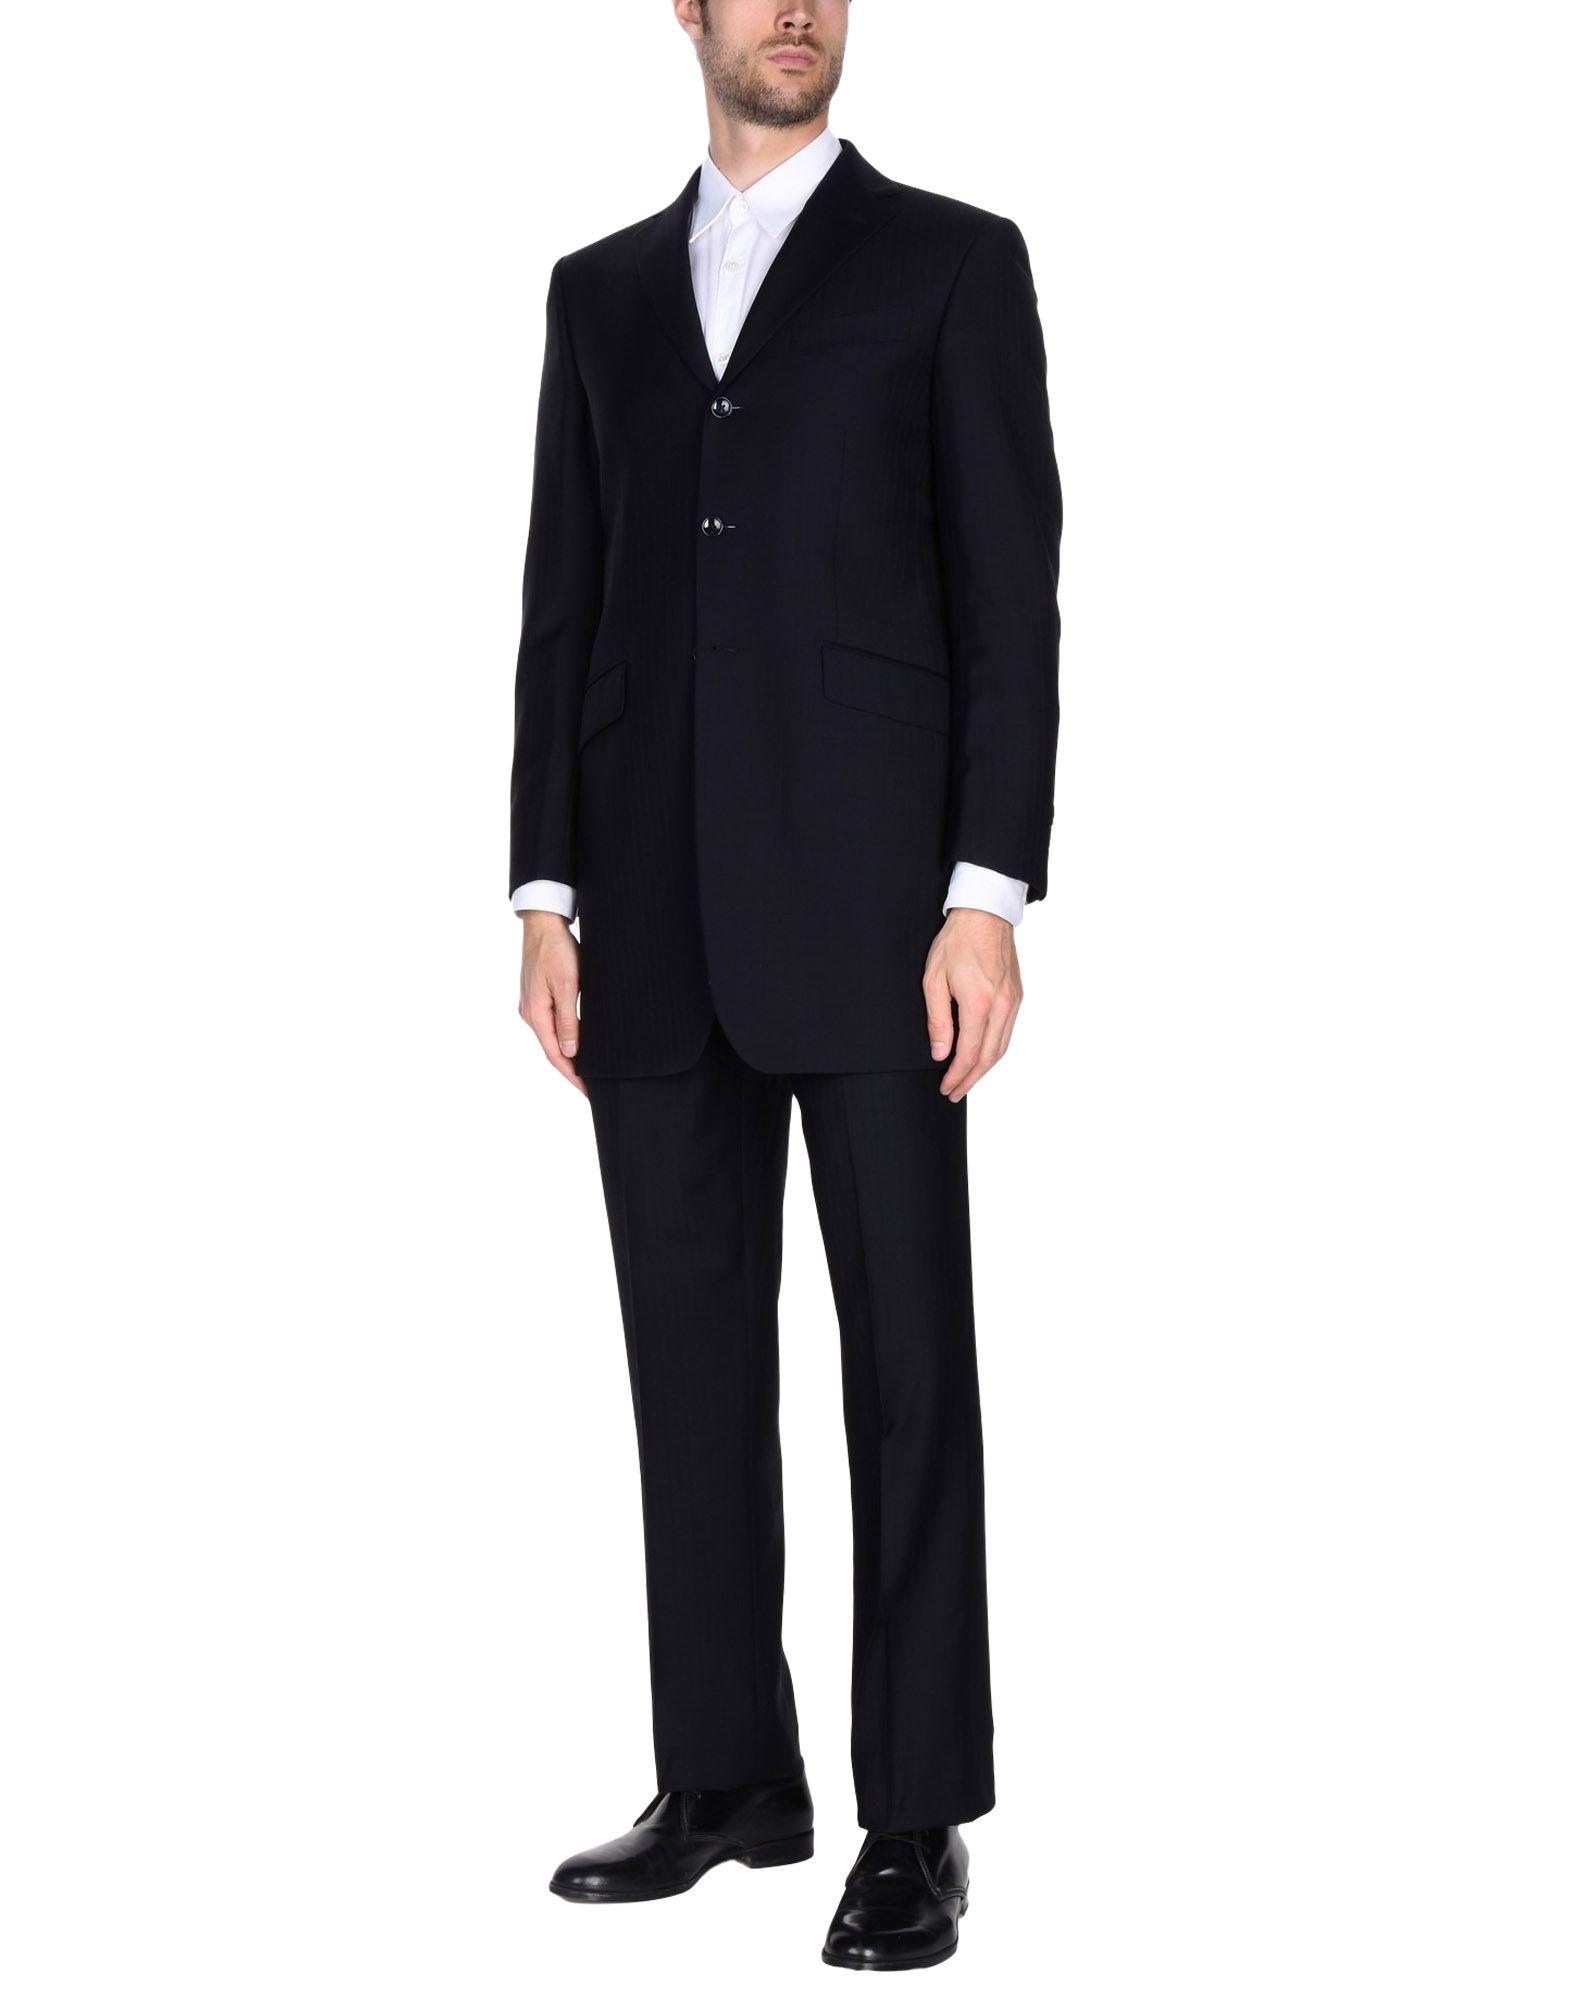 GAI MATTIOLO COUTURE Костюм gai mattiolo couture юбка длиной 3 4